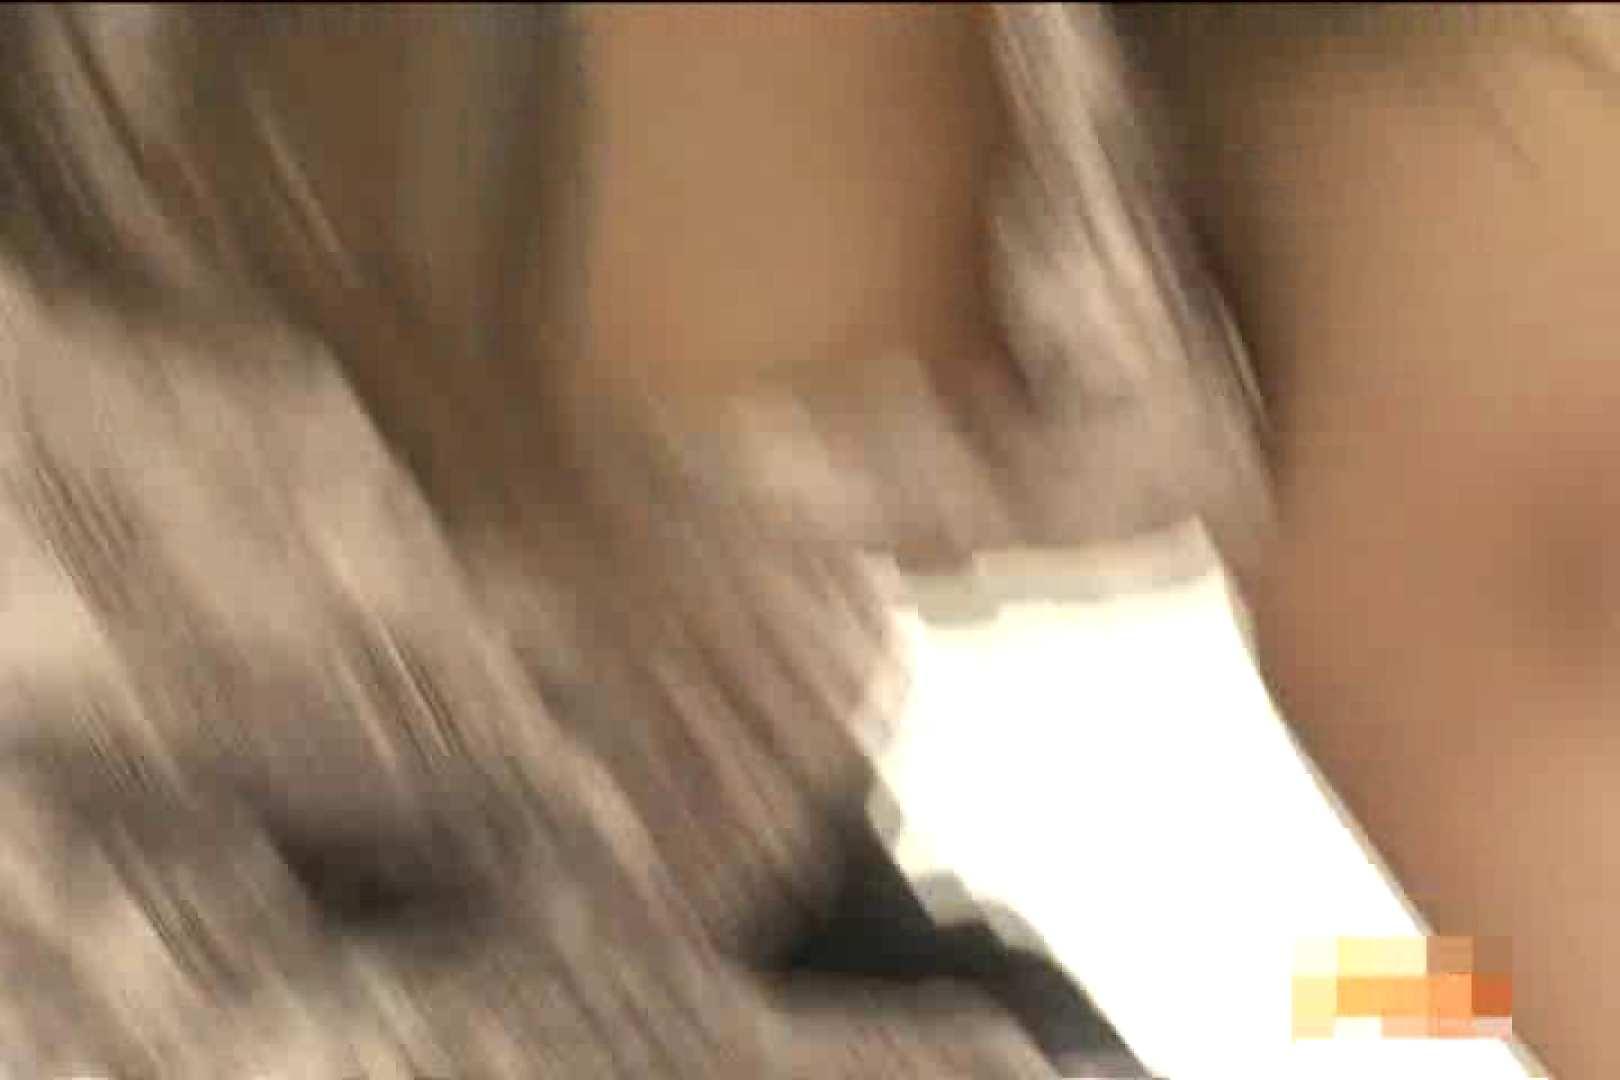 大胆露出胸チラギャル大量発生中!!Vol.1 エロティックなOL | ギャルのエロ動画  98画像 97